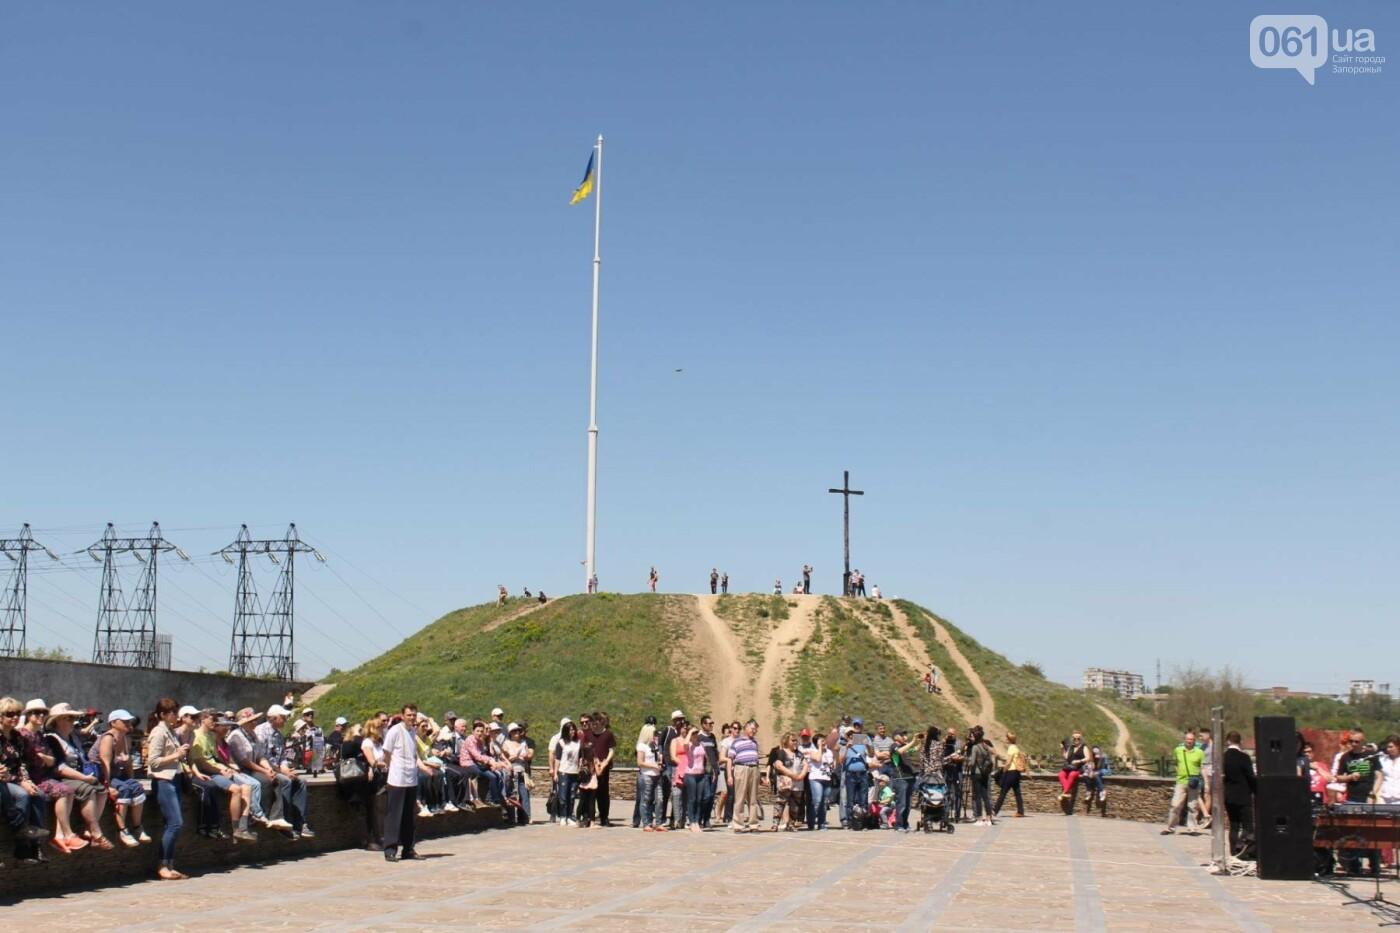 В Запорожье на Хортице концертом открыли туристический сезон: как это было, – ФОТОРЕПОРТАЖ, фото-11